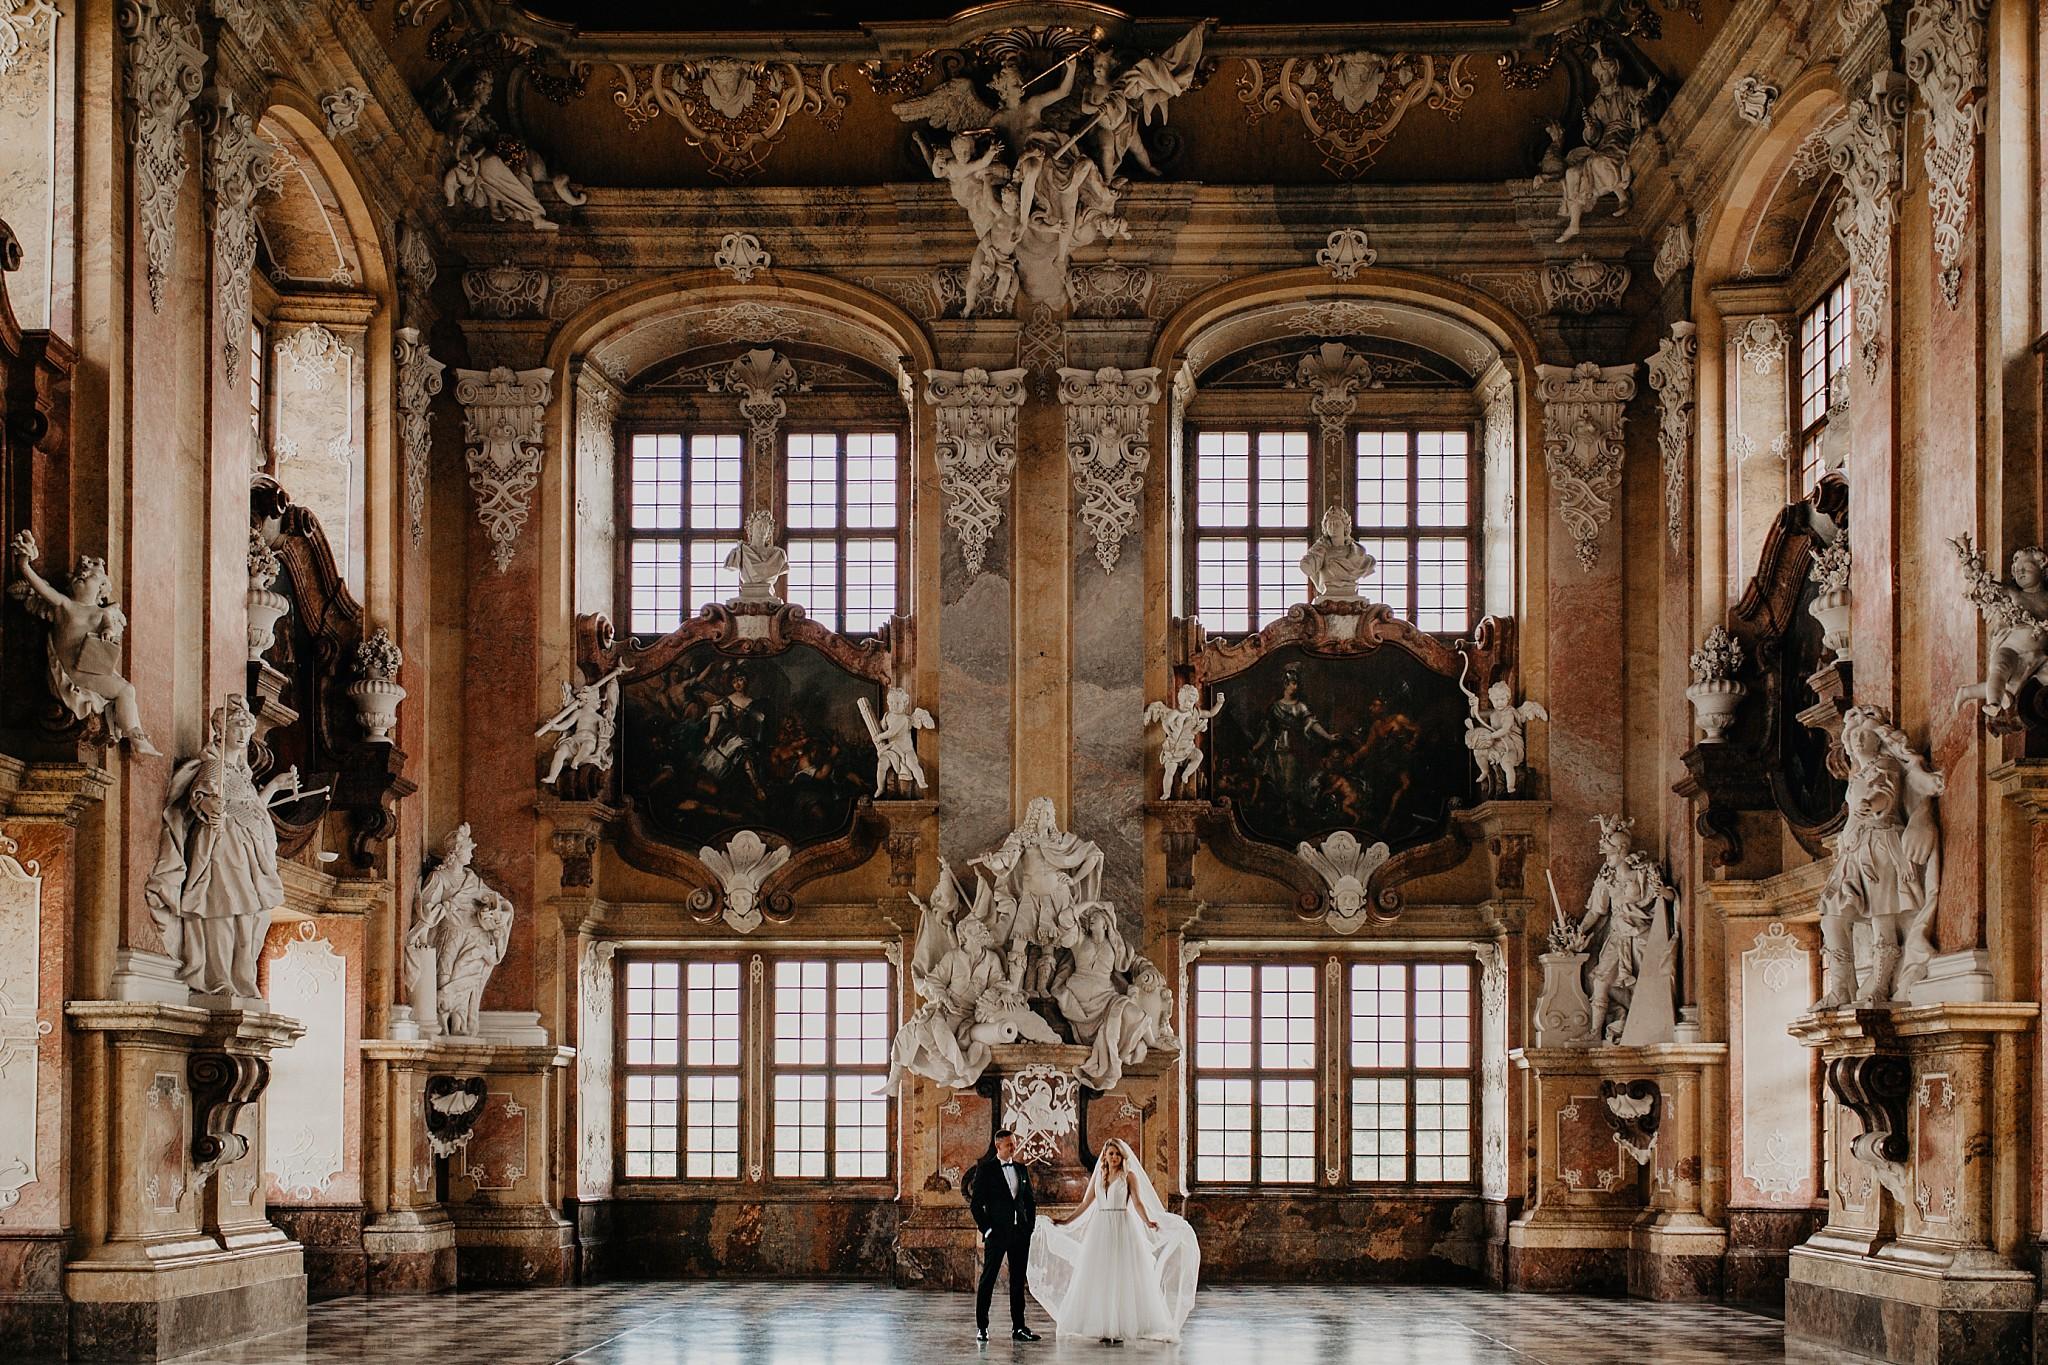 lubiaz opactwo cystersow sesja na zamku sesja zdjeciowa sesja slubna w palacu sesja palac fotograf z poznania fotografia slubna poznan 046